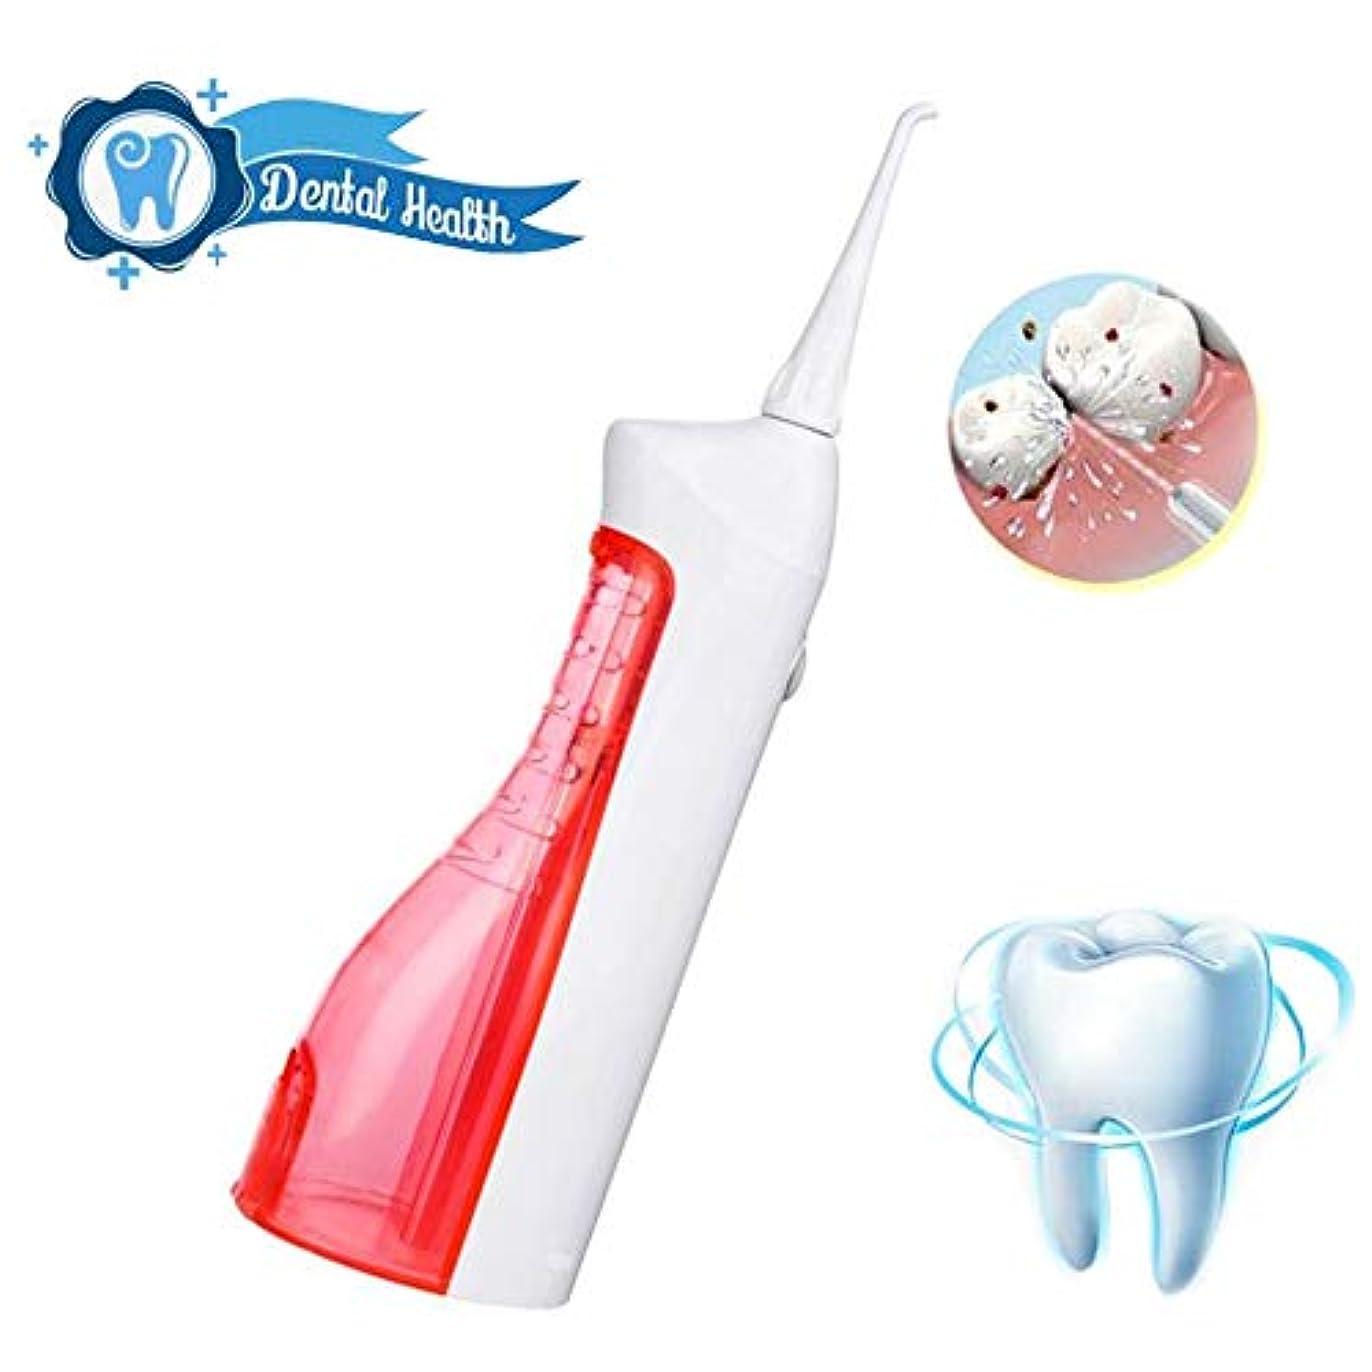 盗賊バーチャル子供達歯のためのウォーターフロッサー、ポータブルプロフェッショナルコードレス歯科口腔灌漑器(150mlタンク、2本のジェットチップ付き)歯磨き粉用クリーナー、2つのクリーニングモード、USB充電式、IPX7